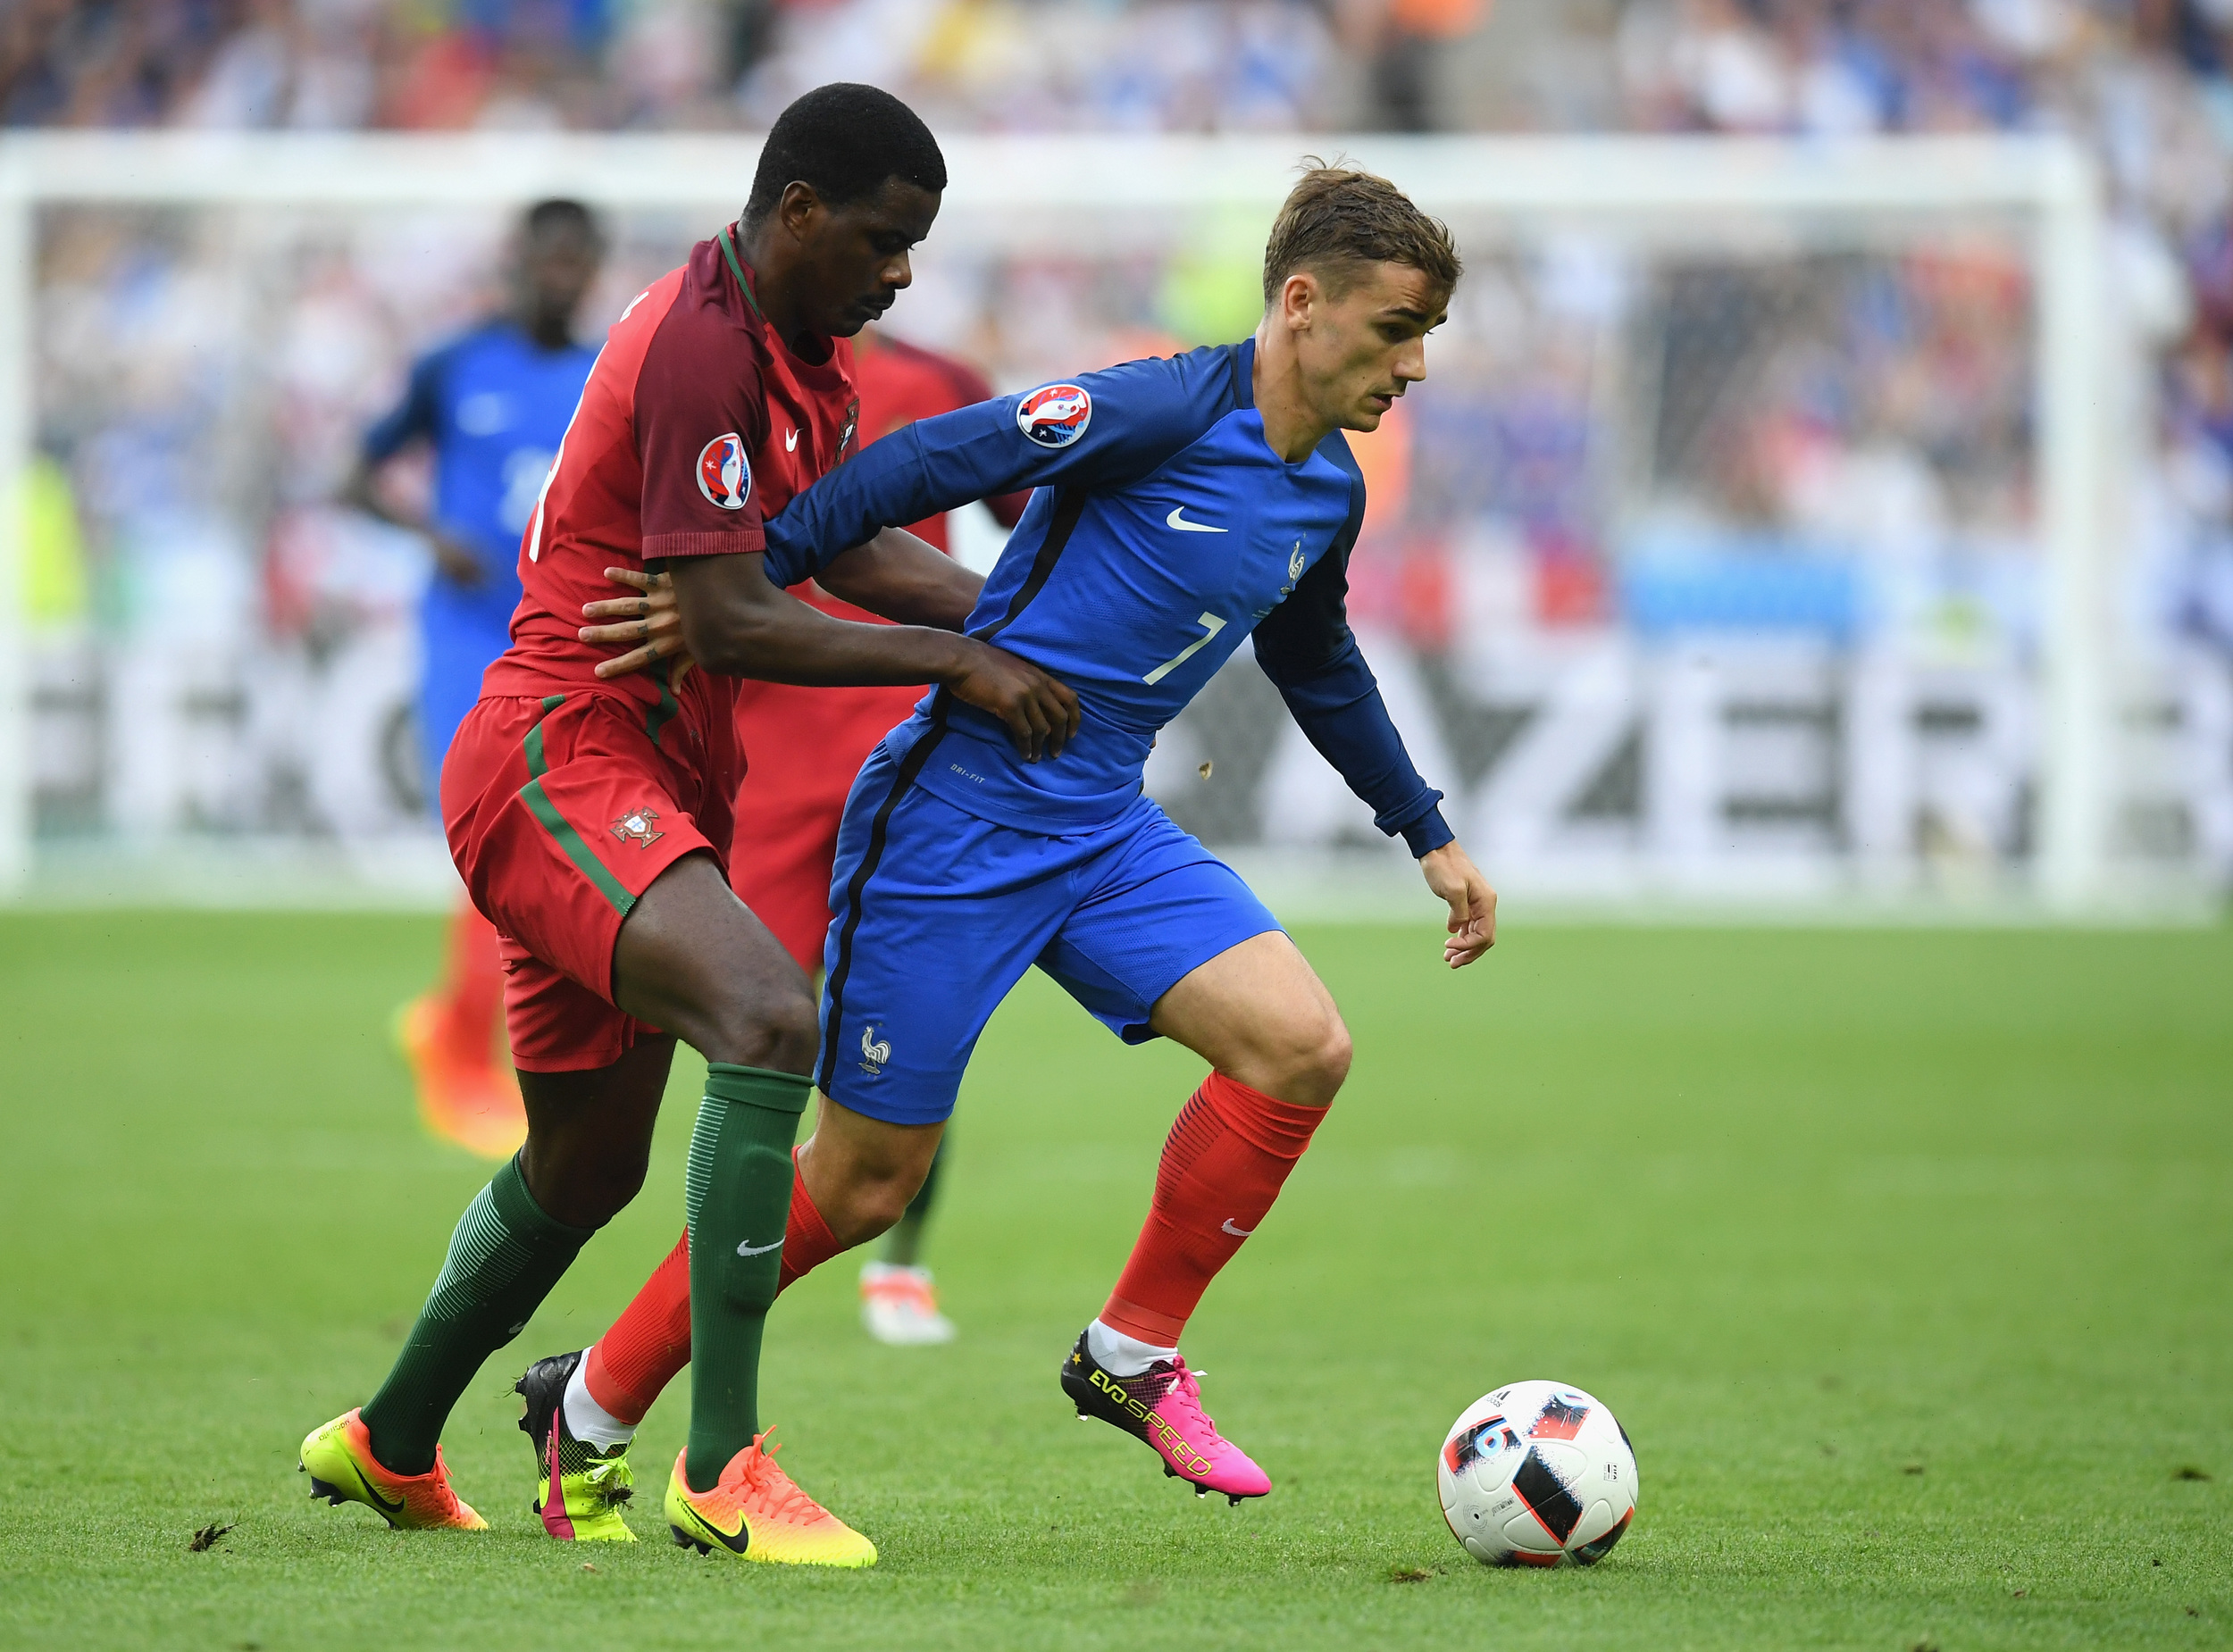 William Carvalho, hele tiden tæt på Antoine Griezmann i finalen. Foto: Getty Images/Matthias Hangst